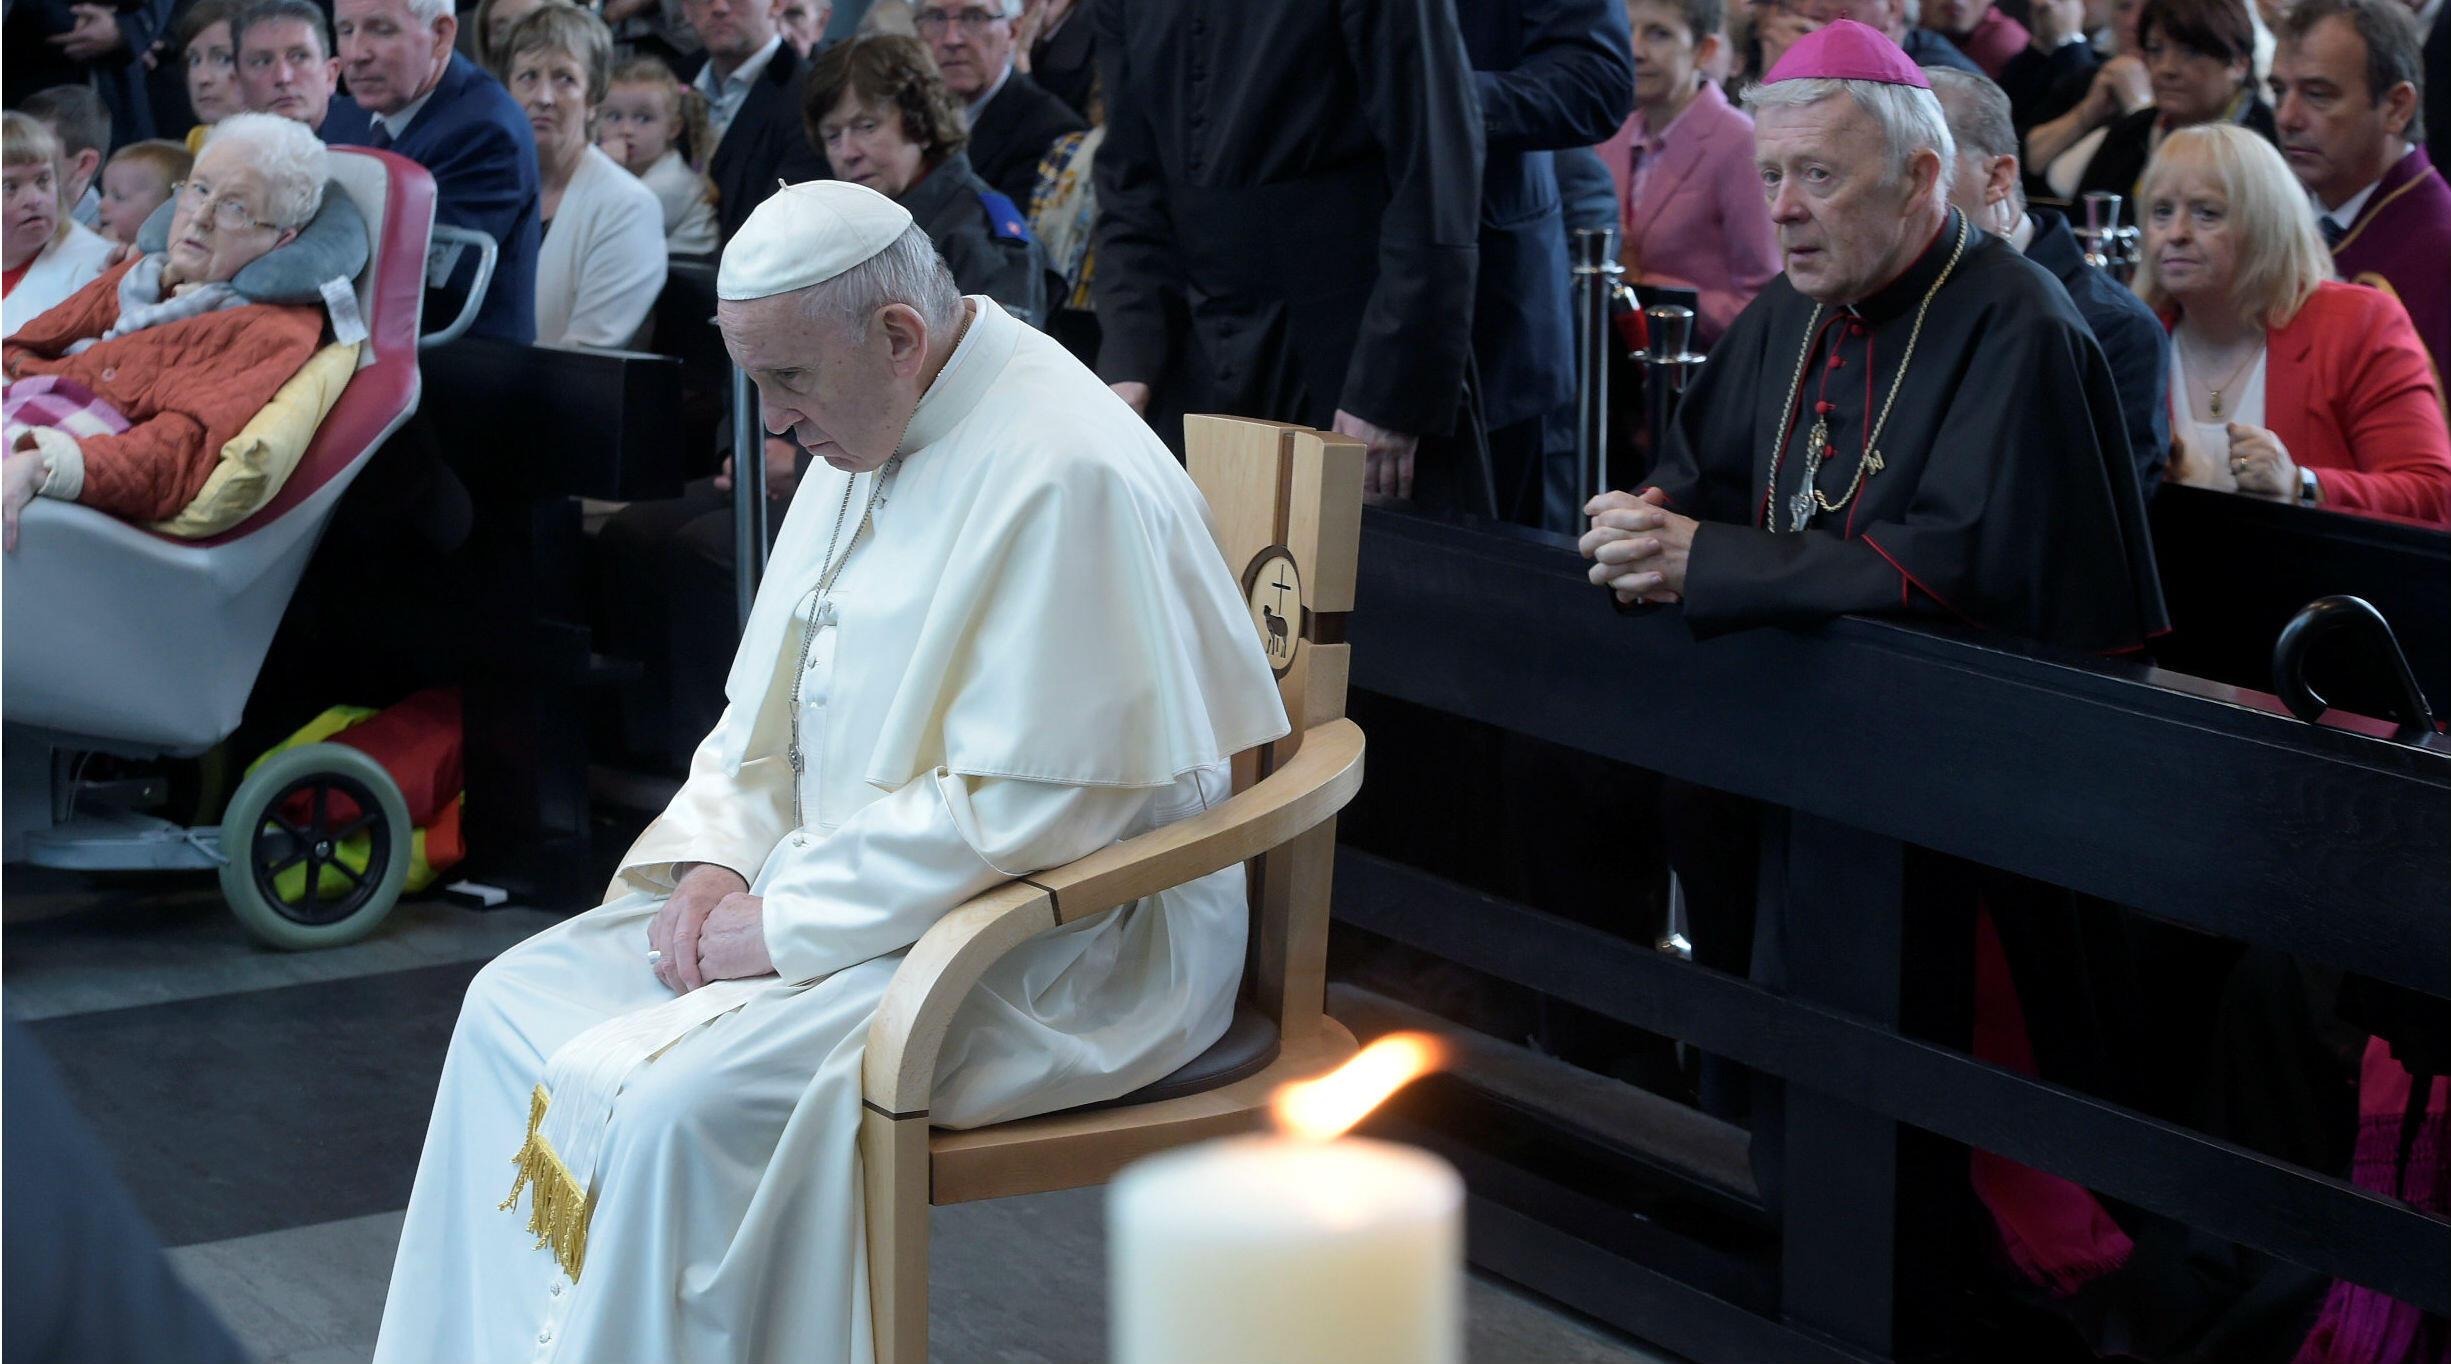 El papa Francisco visita el santuario Knock en Irlanda. 26 de agosto de 2018.